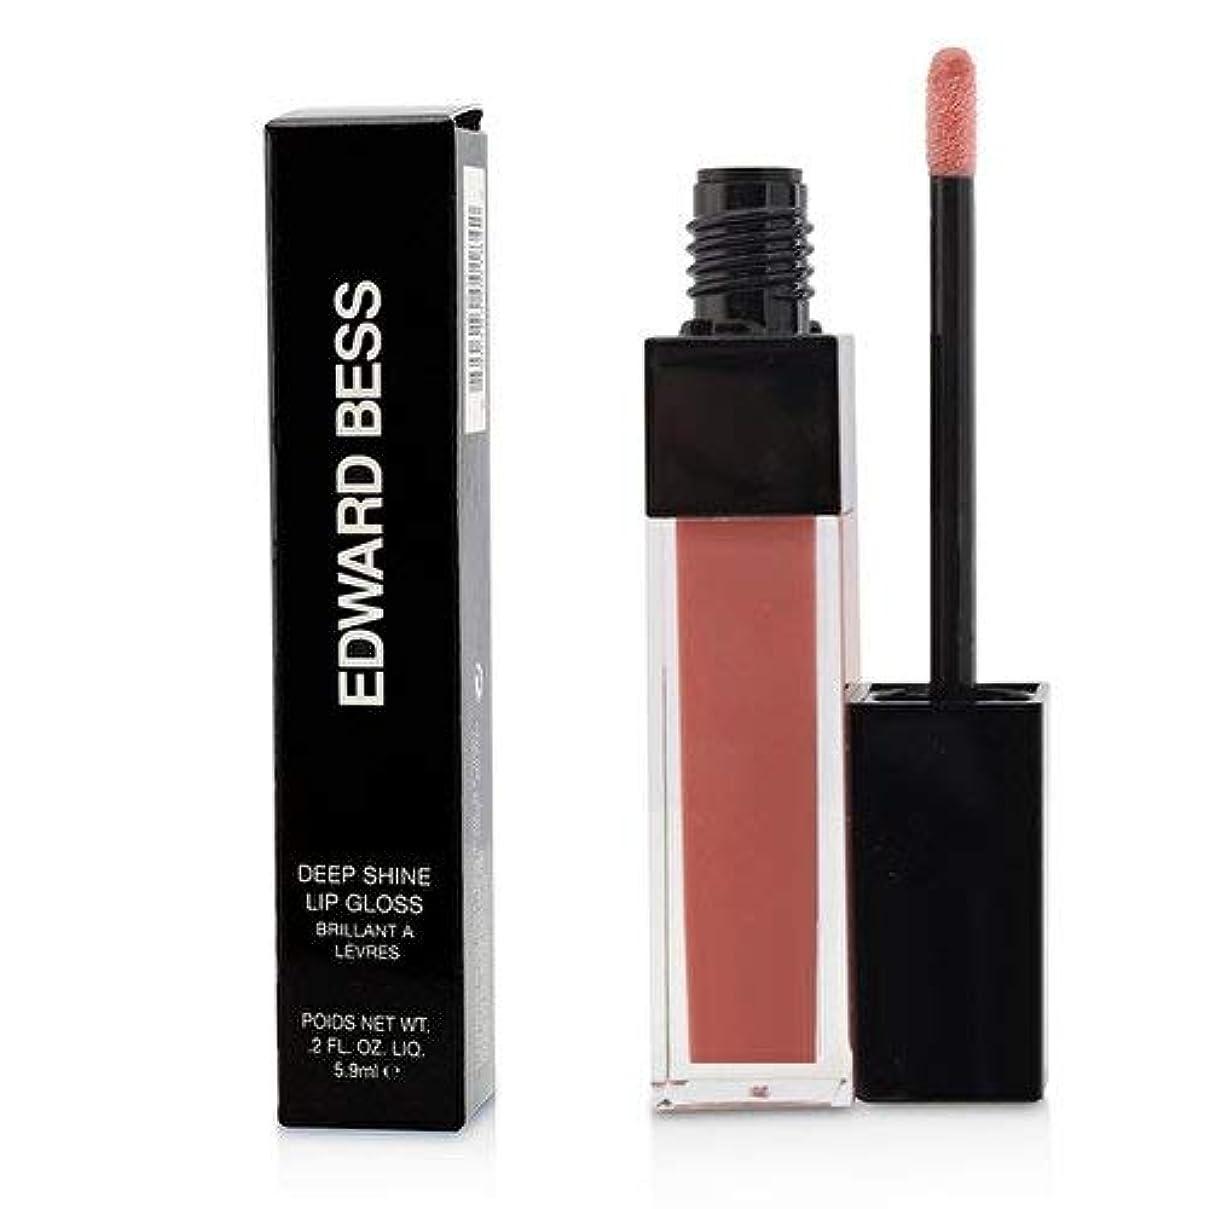 説教する名前を作る等価エドワードべス Deep Shine Lip Gloss - # 26 Lover's Desire 7ml/0.24oz並行輸入品